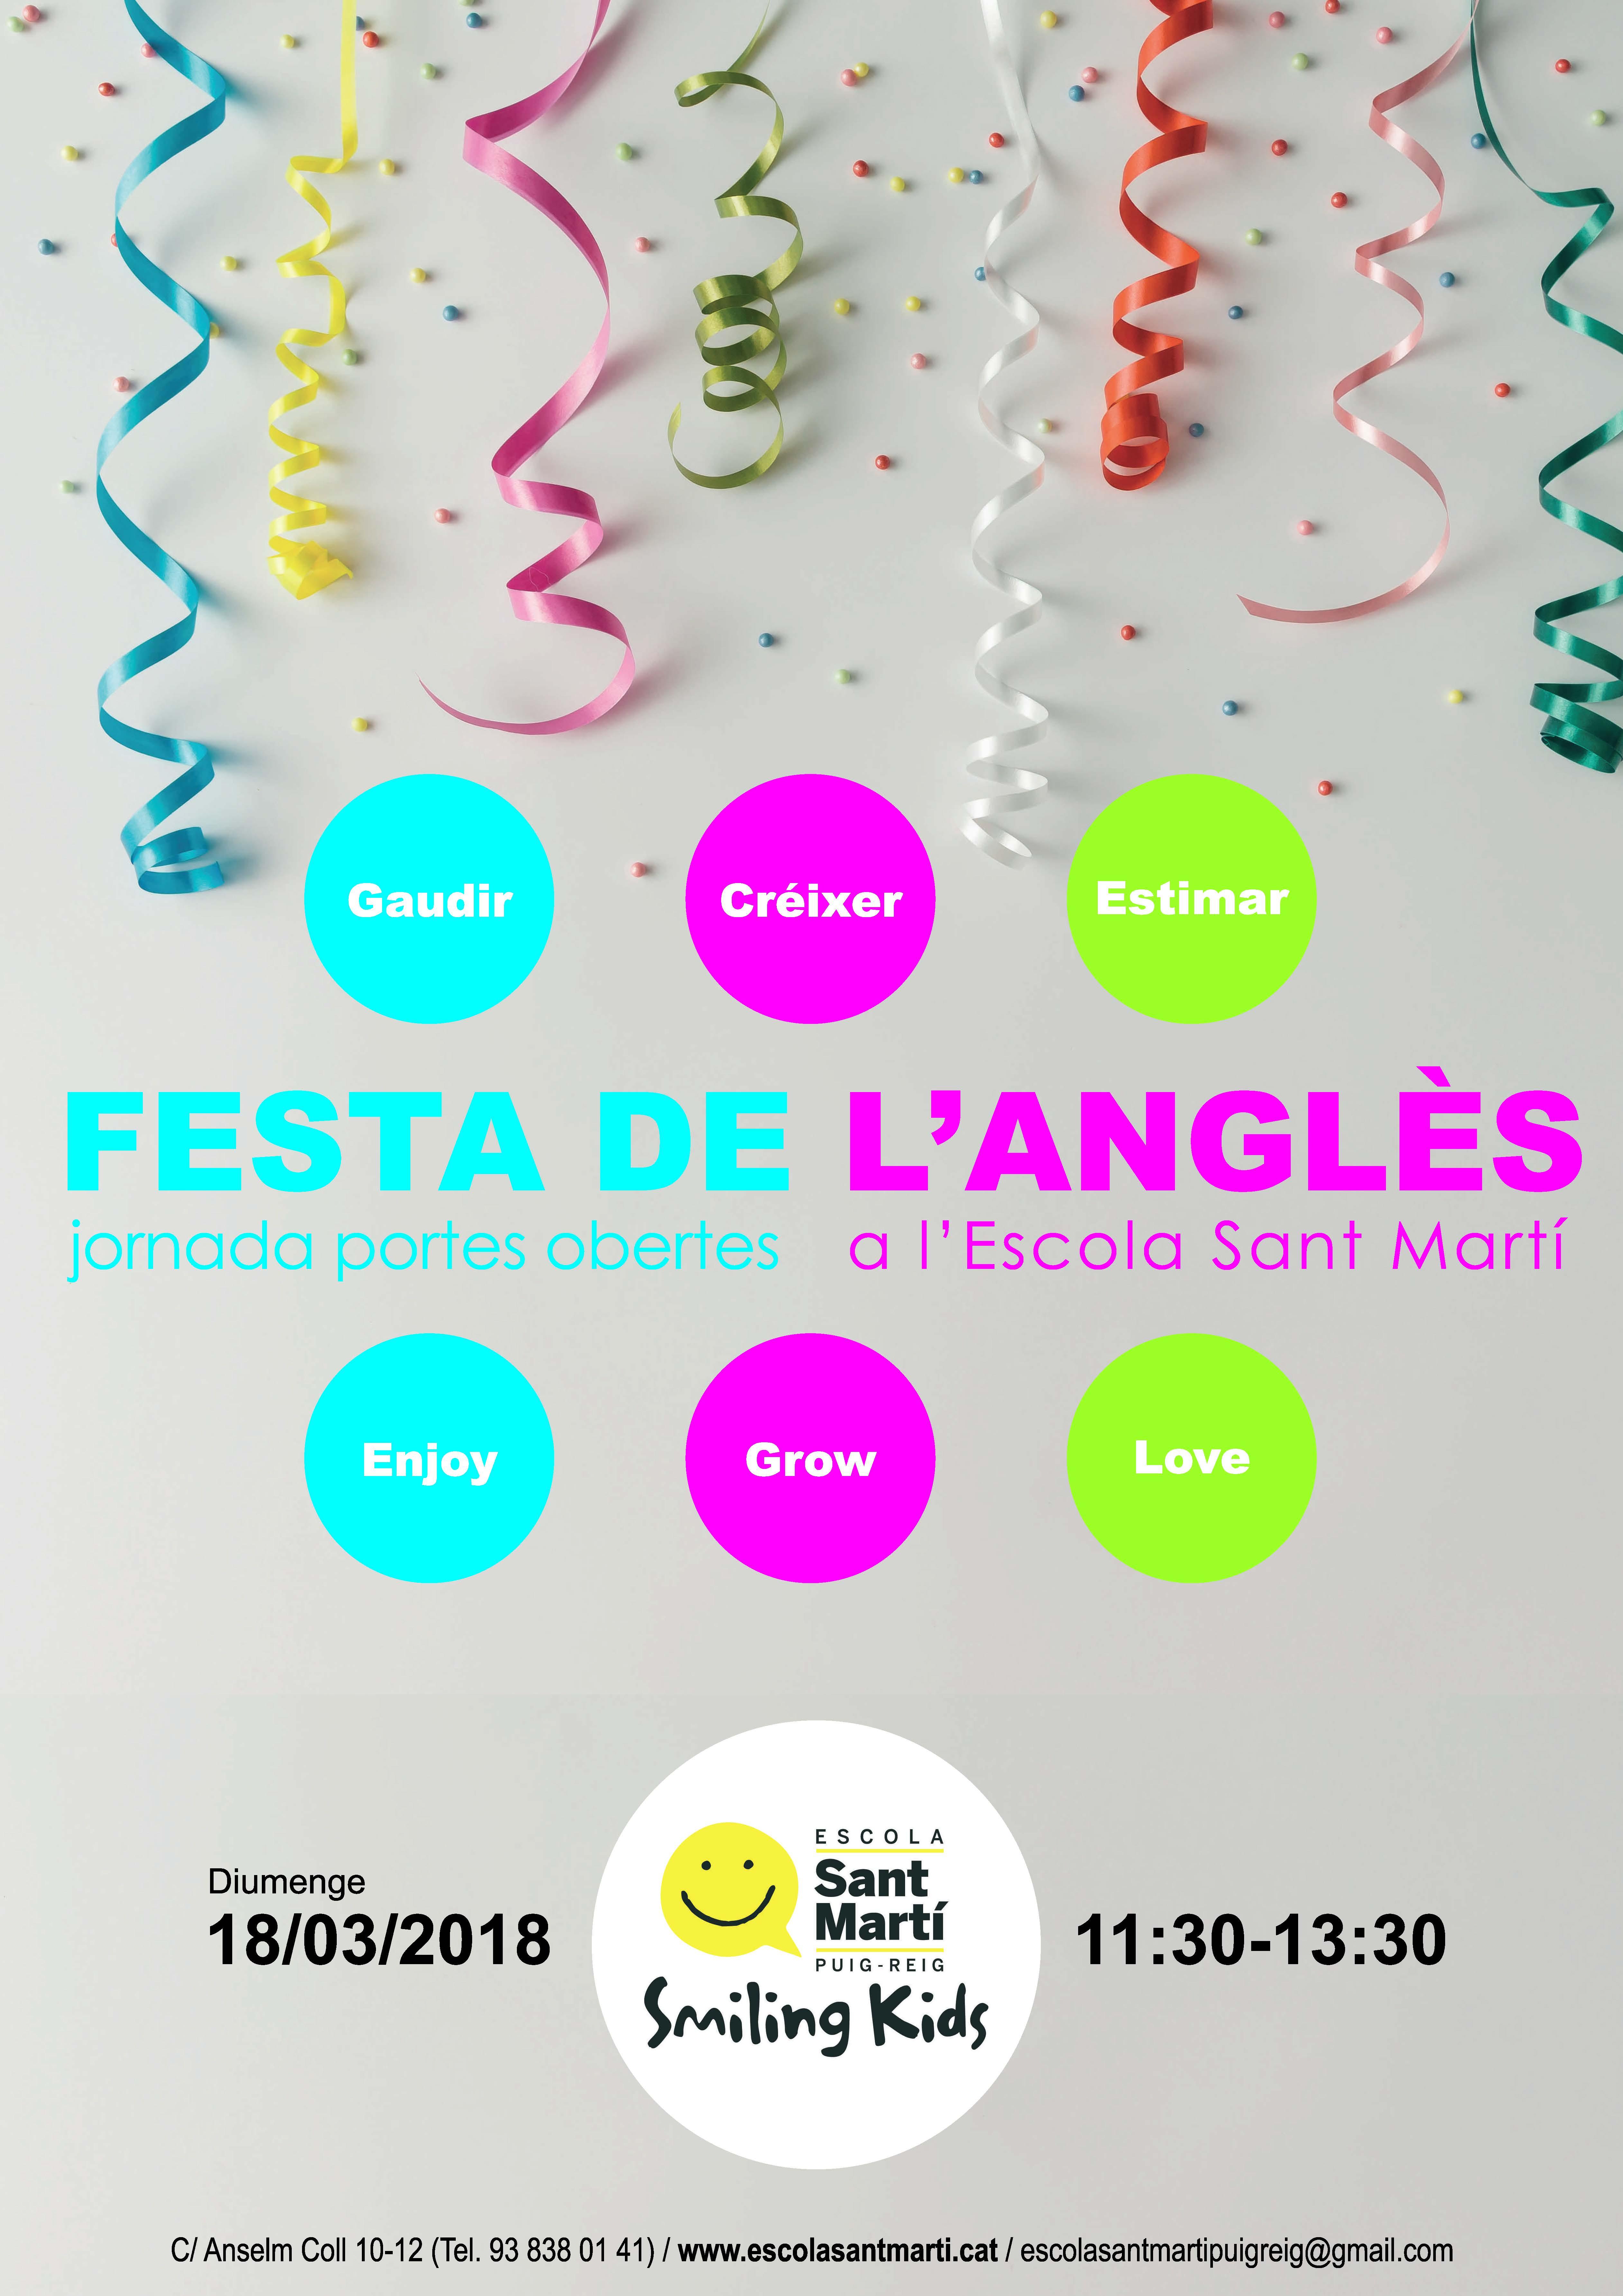 Festa de l'Anglès · jornada portes obertes a l'Escola Sant Martí